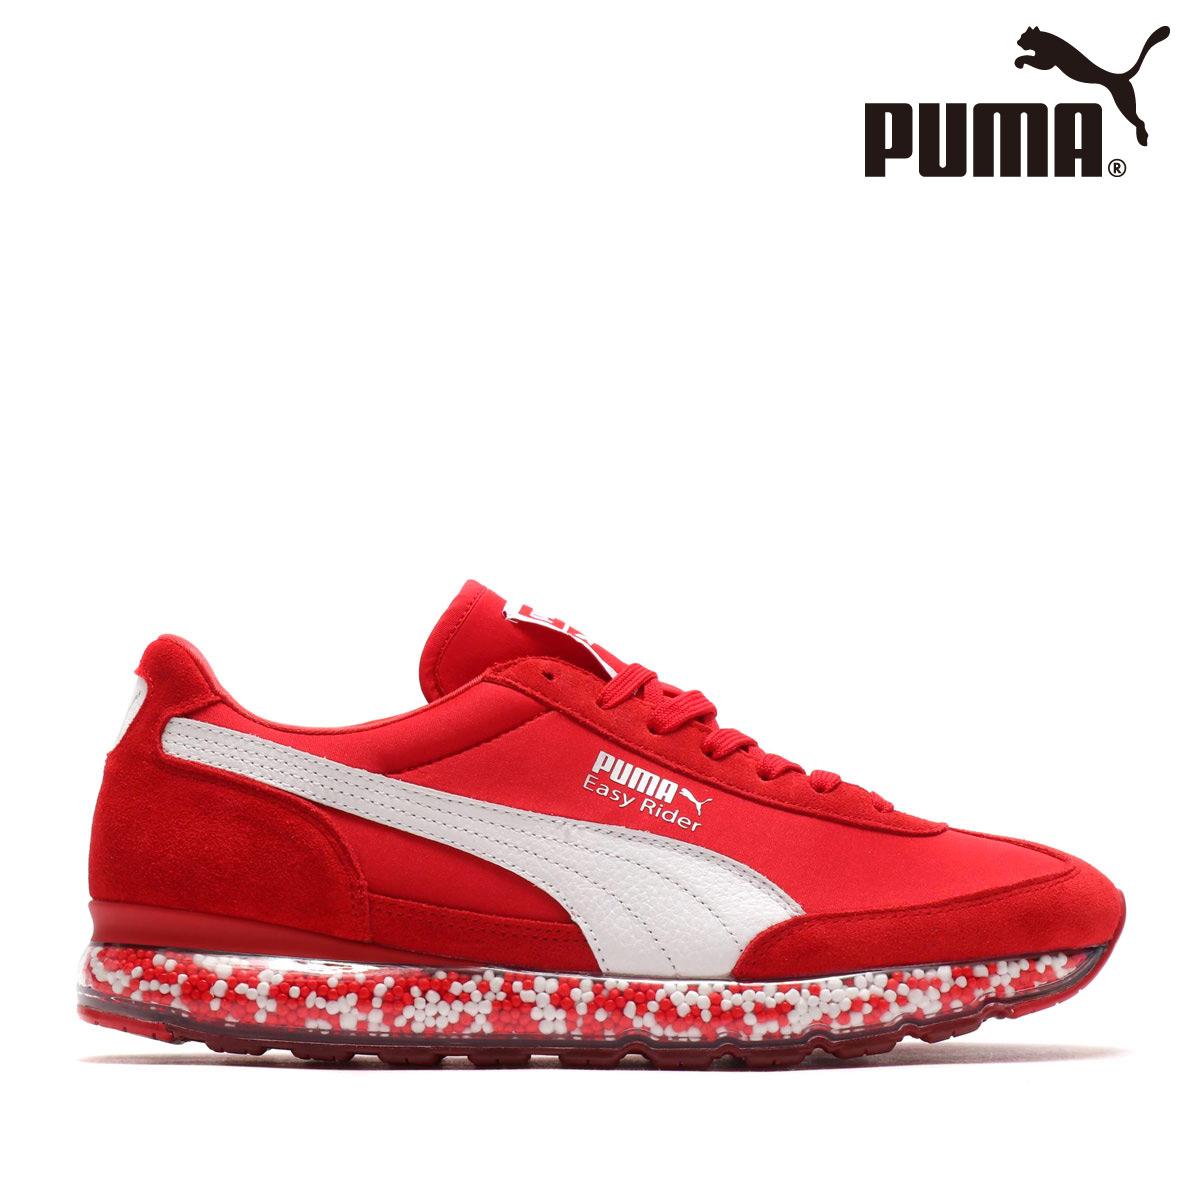 PUMA JAMMING EASY RIDER(RIBBON RED-PU)(プーマ ジャミング イージー ライダー)【メンズサイズ】【スニーカー】【18FW-I】